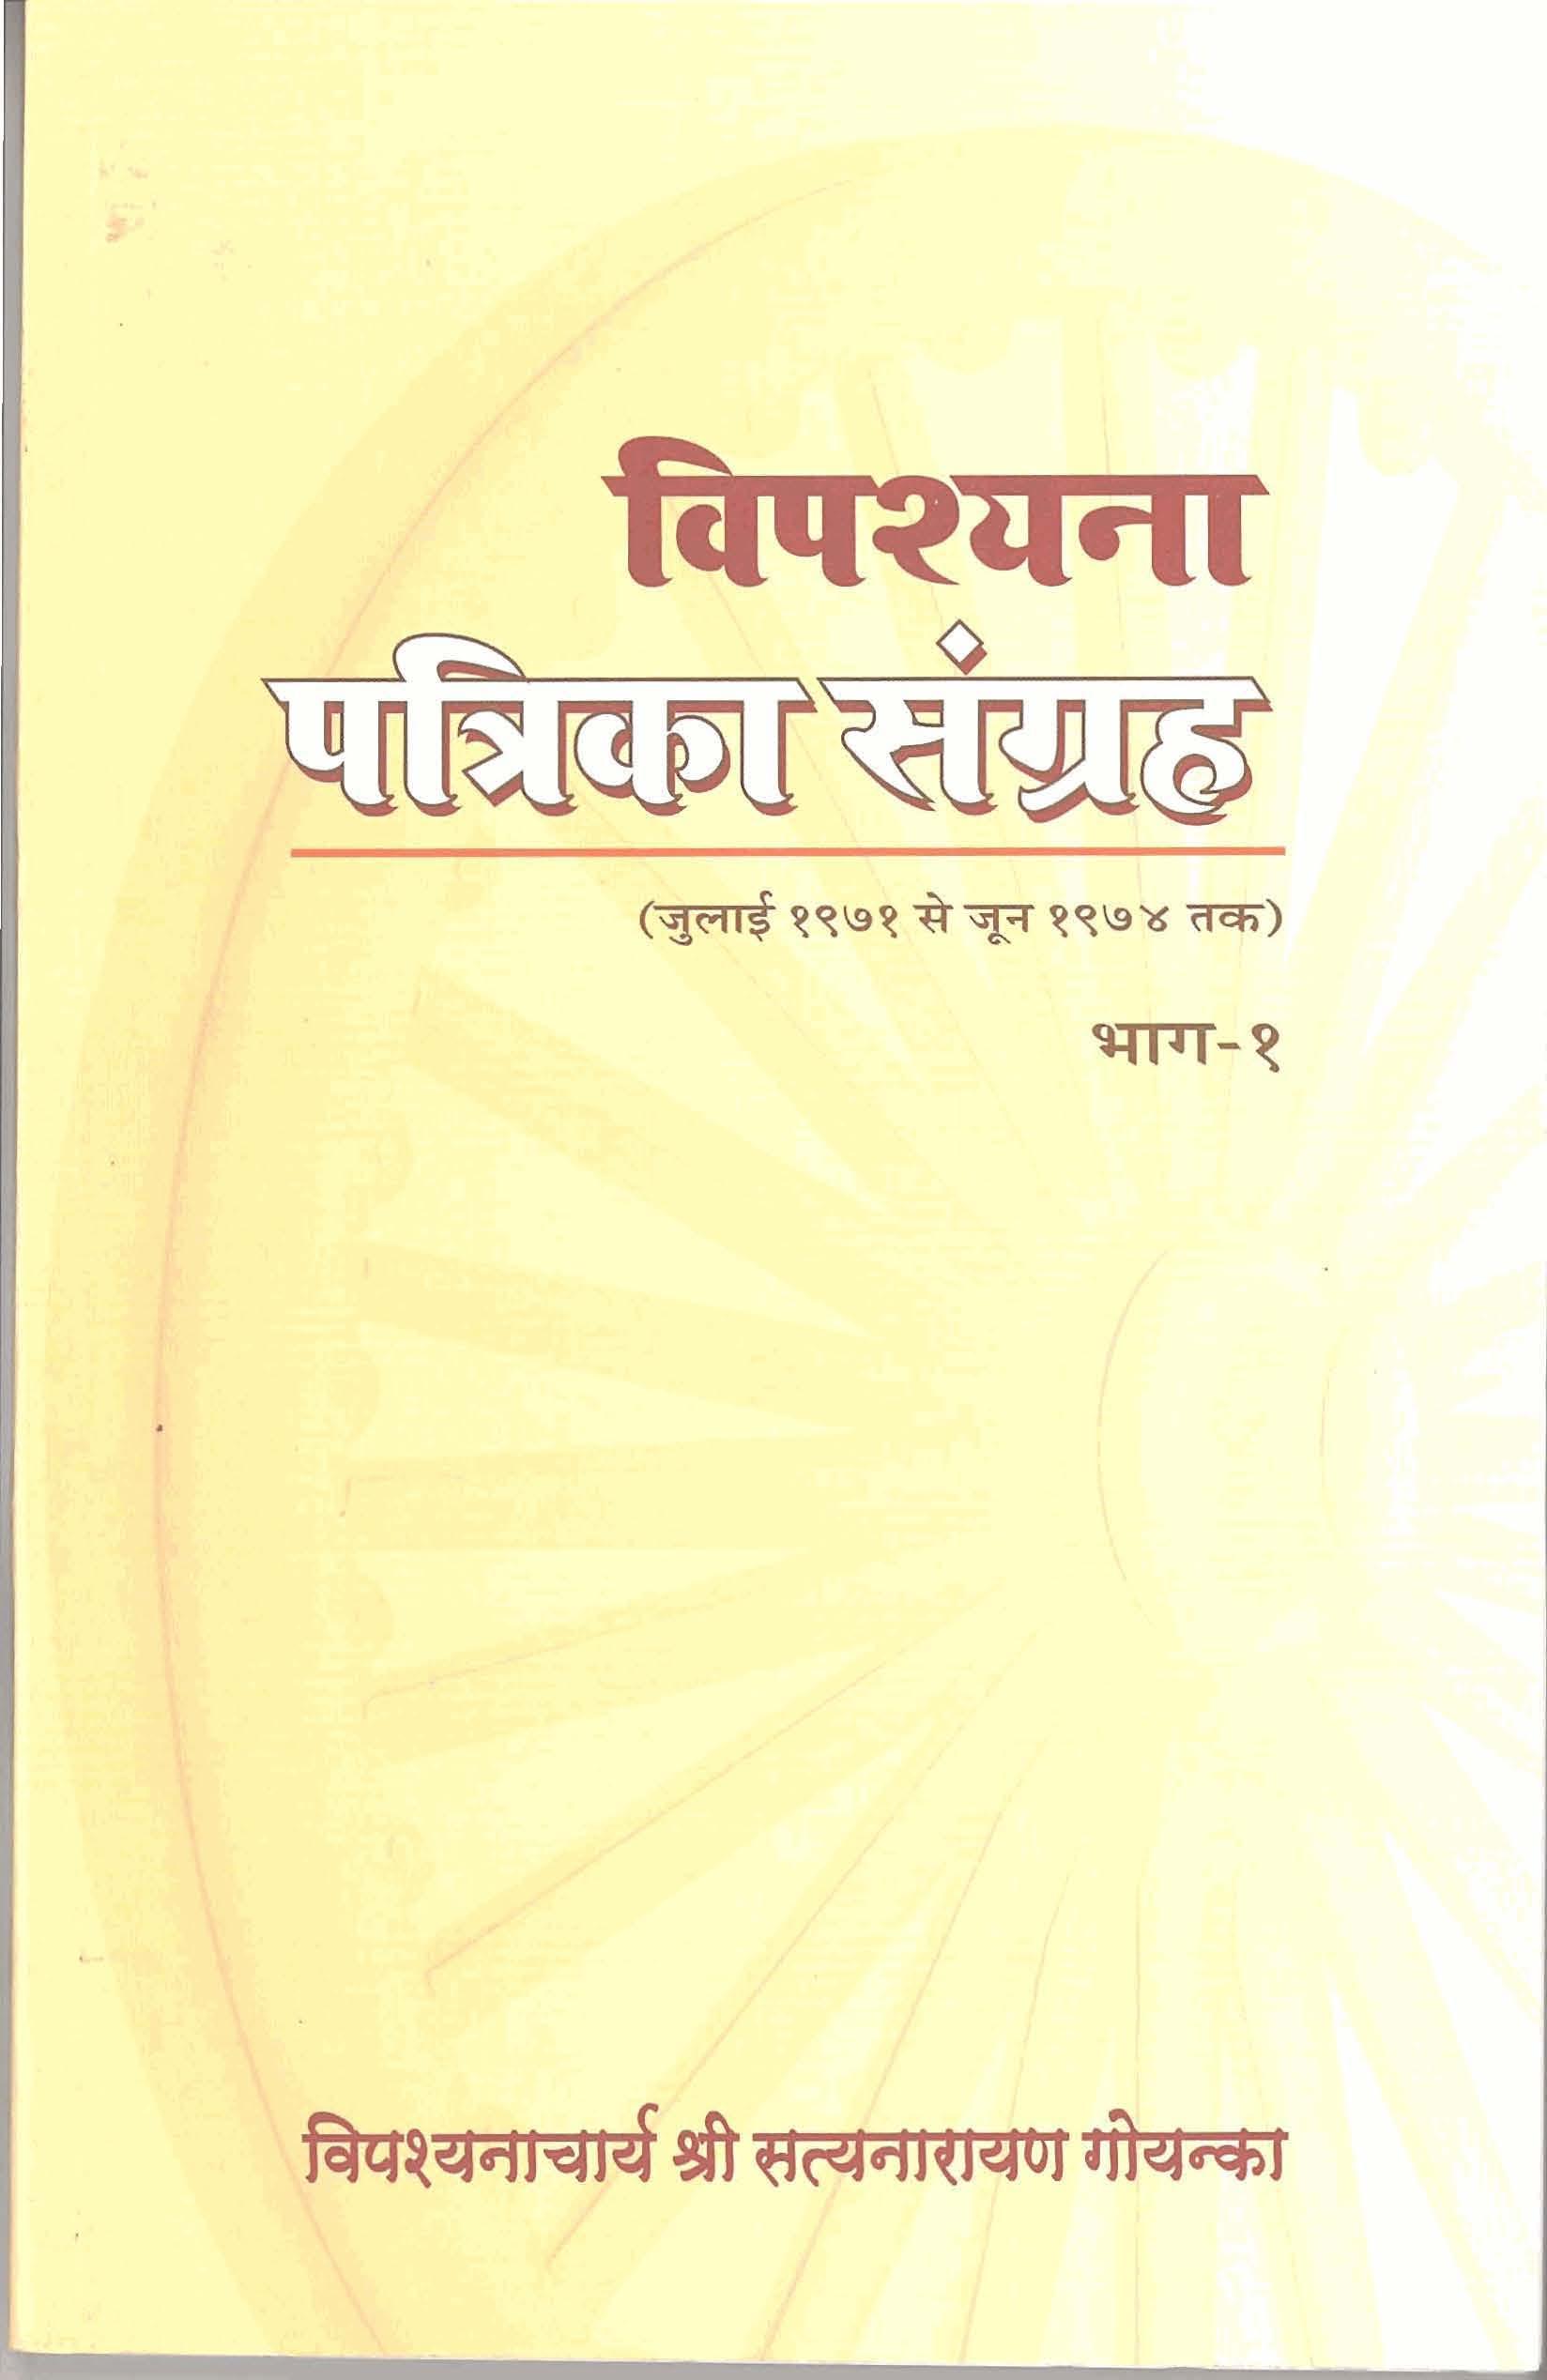 Patrika Year Book 2012 In Hindi